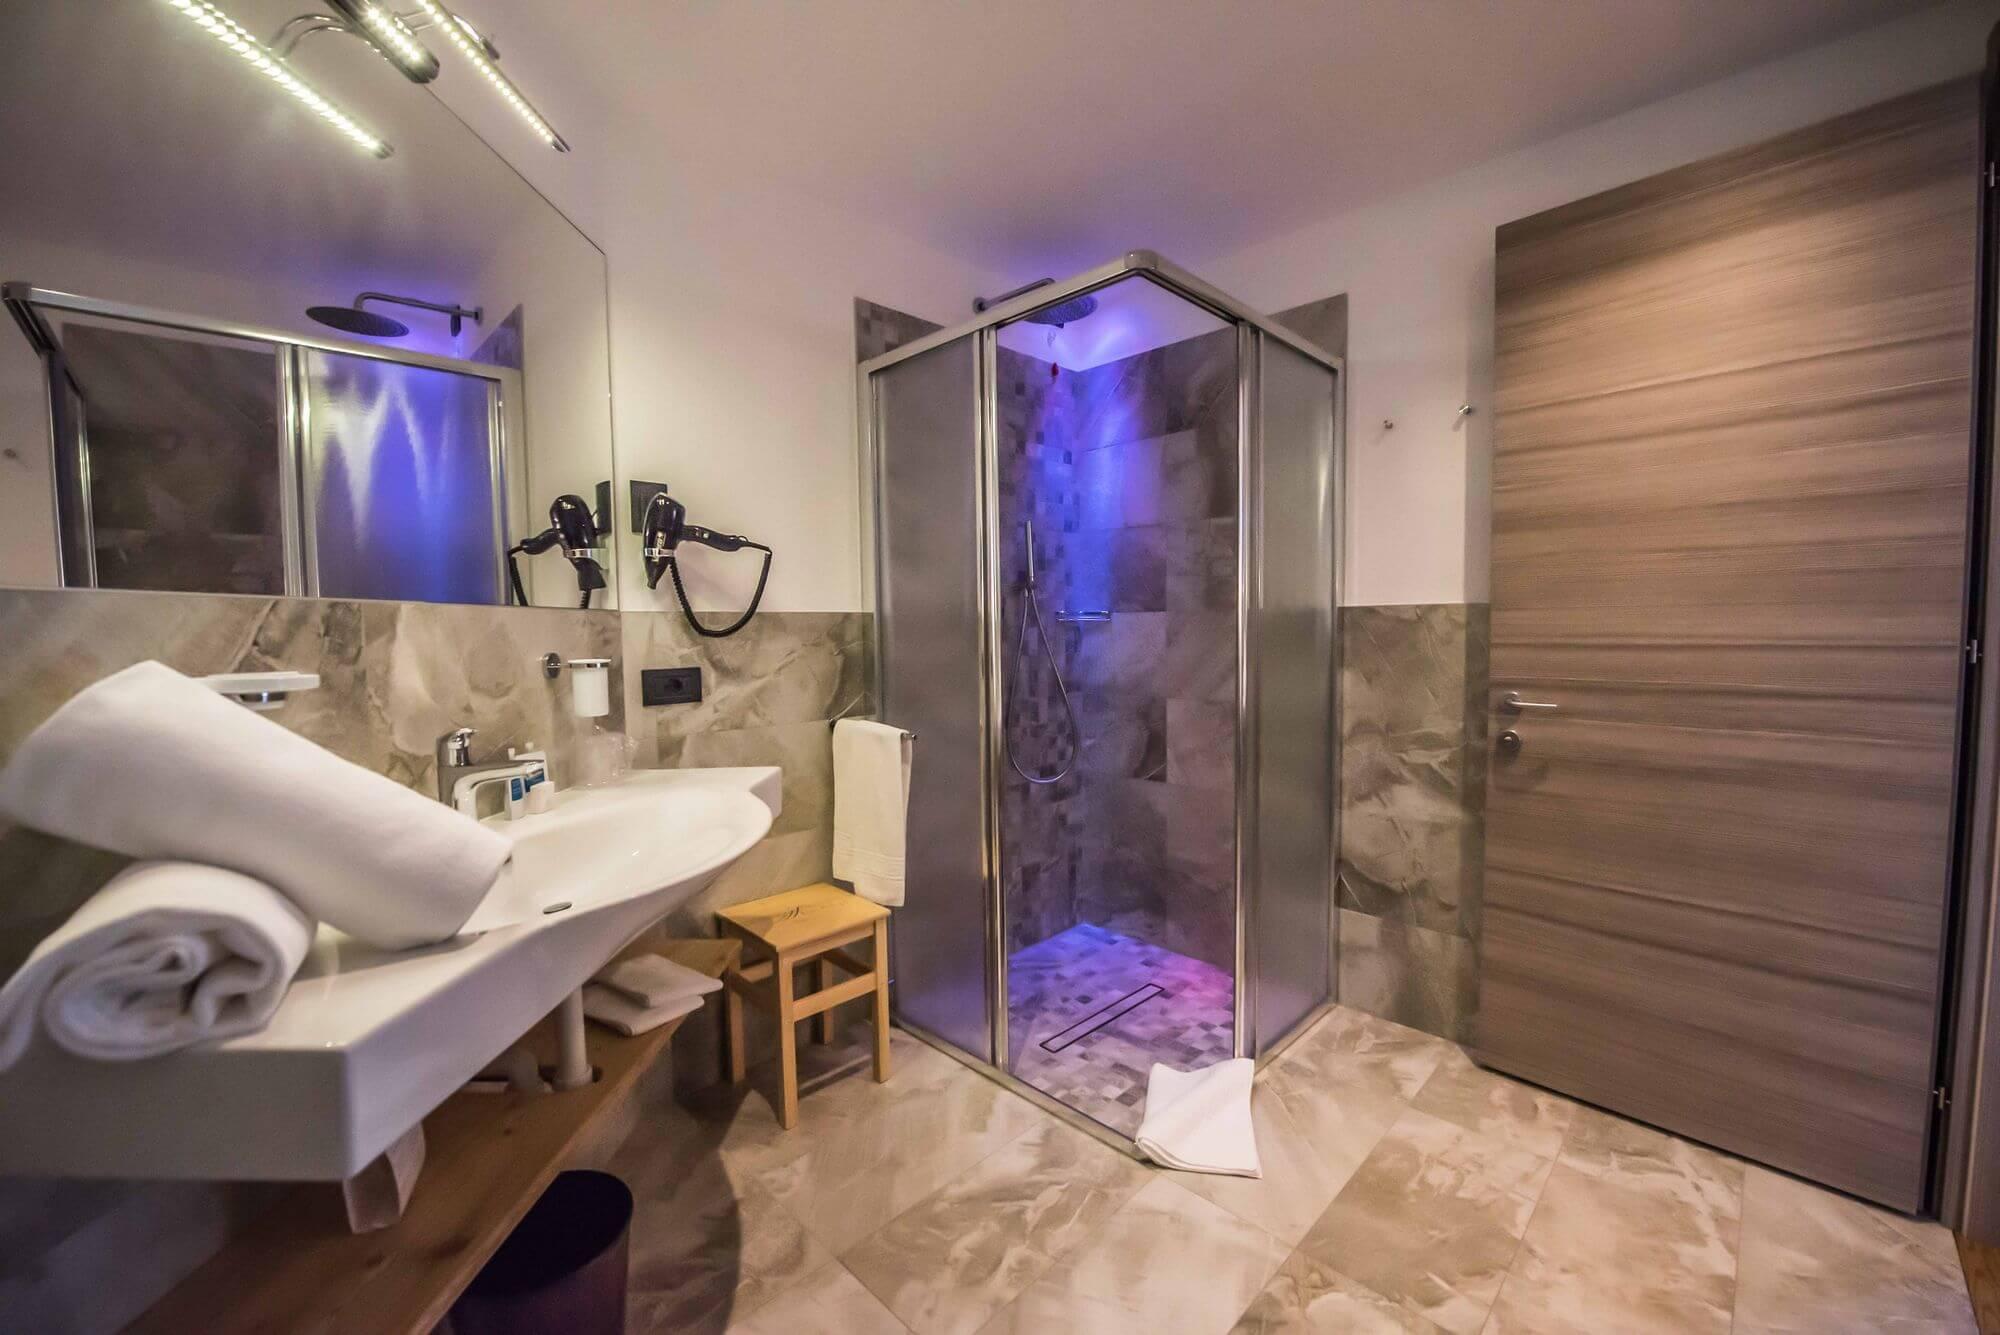 Bagno con tutti i servizi: Junior Suite Hotel Le Alpi a Livigno